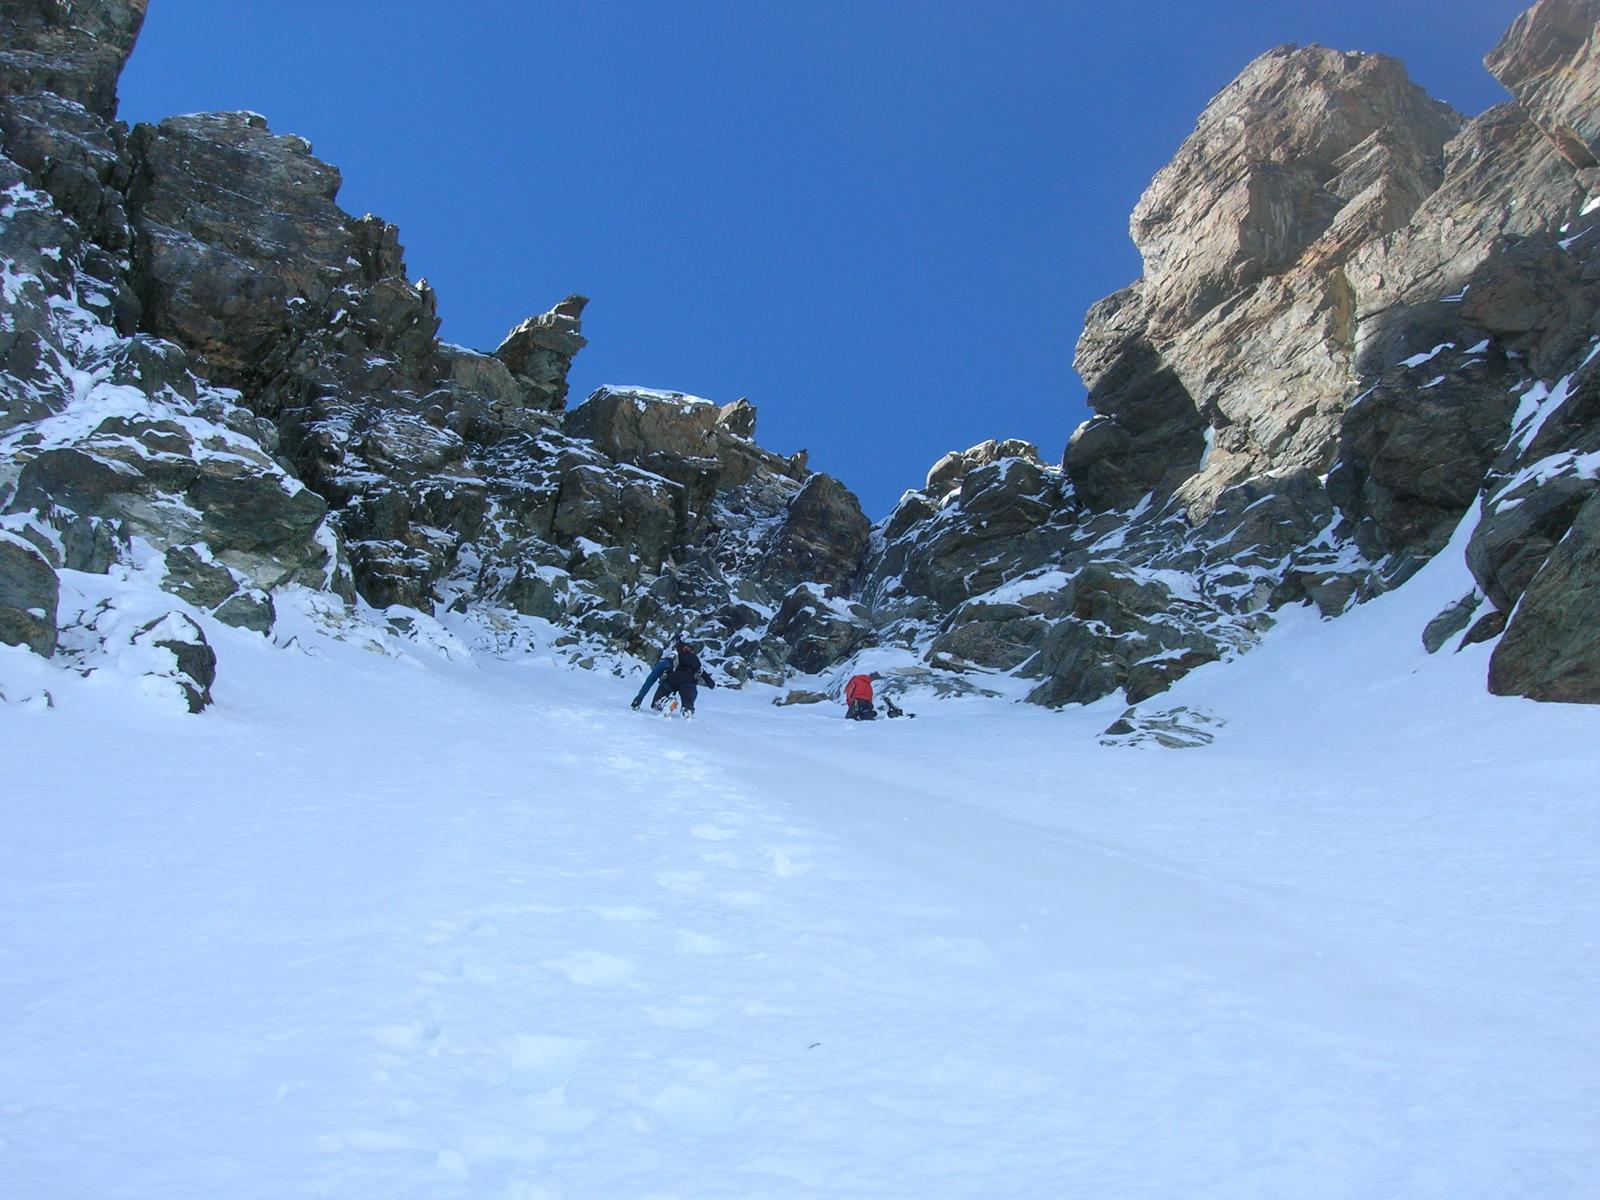 Qui Andrea ed Enrico hanno calzato gli sci